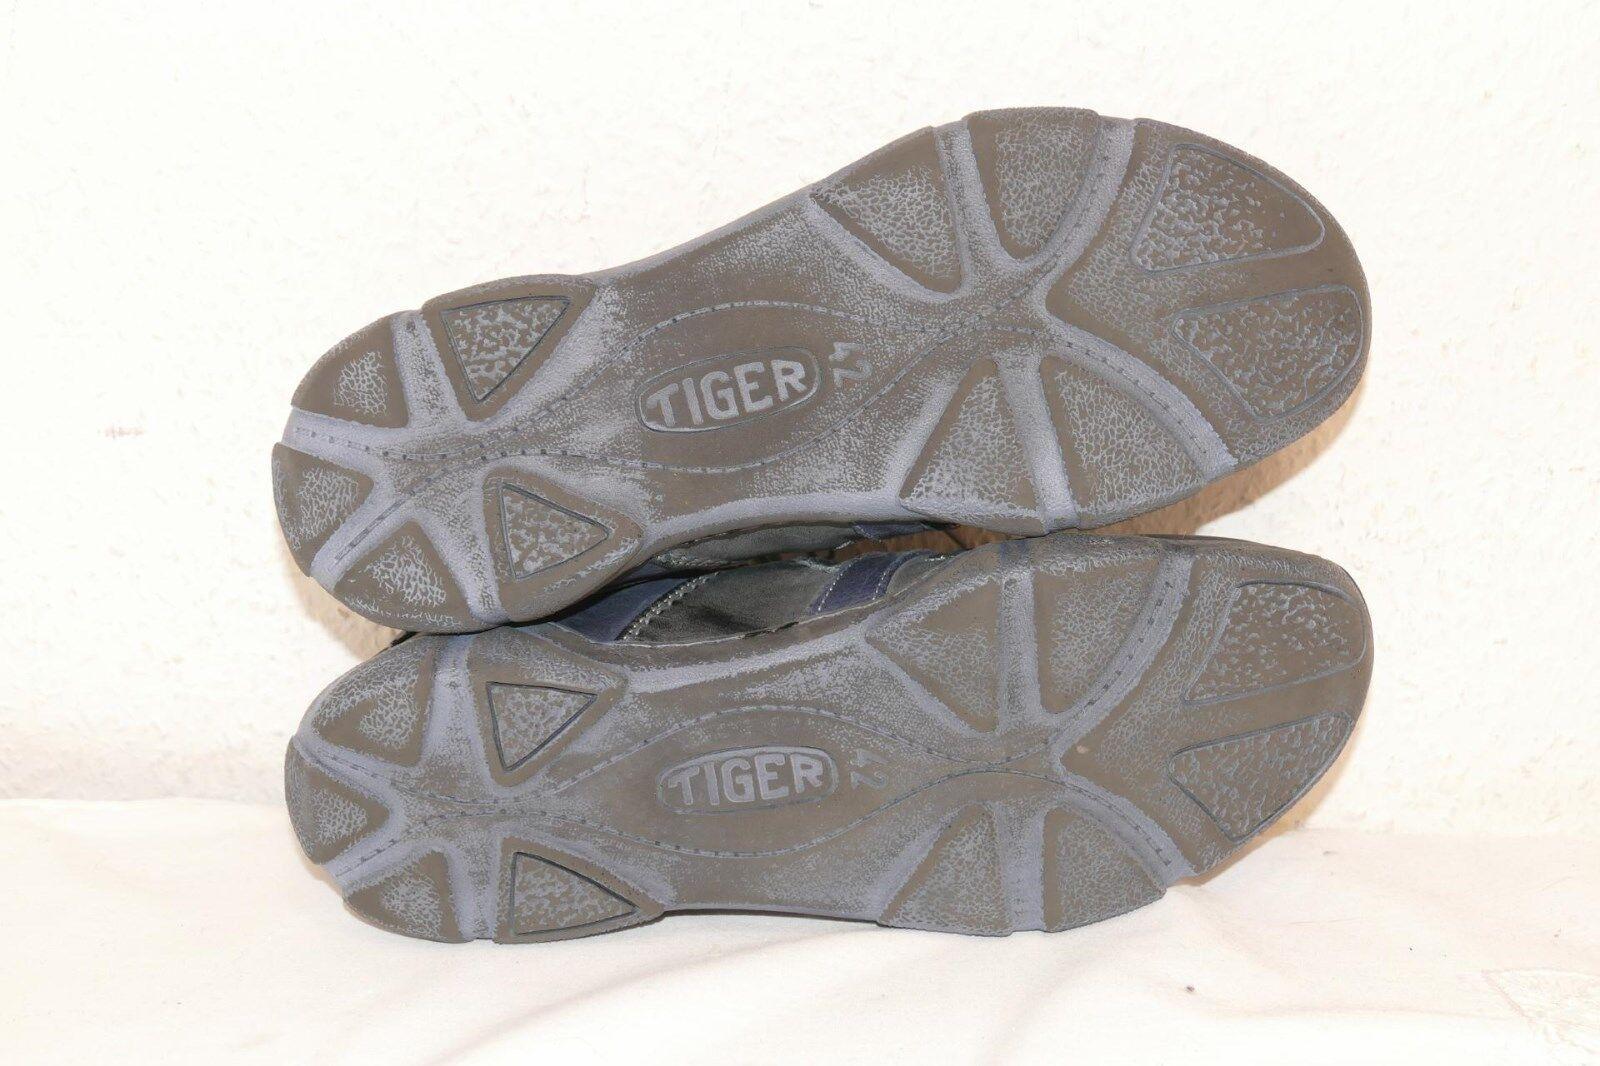 929---Abis Tiger Gr 42 blau Schnürer blau 42 Neu 12e9eb